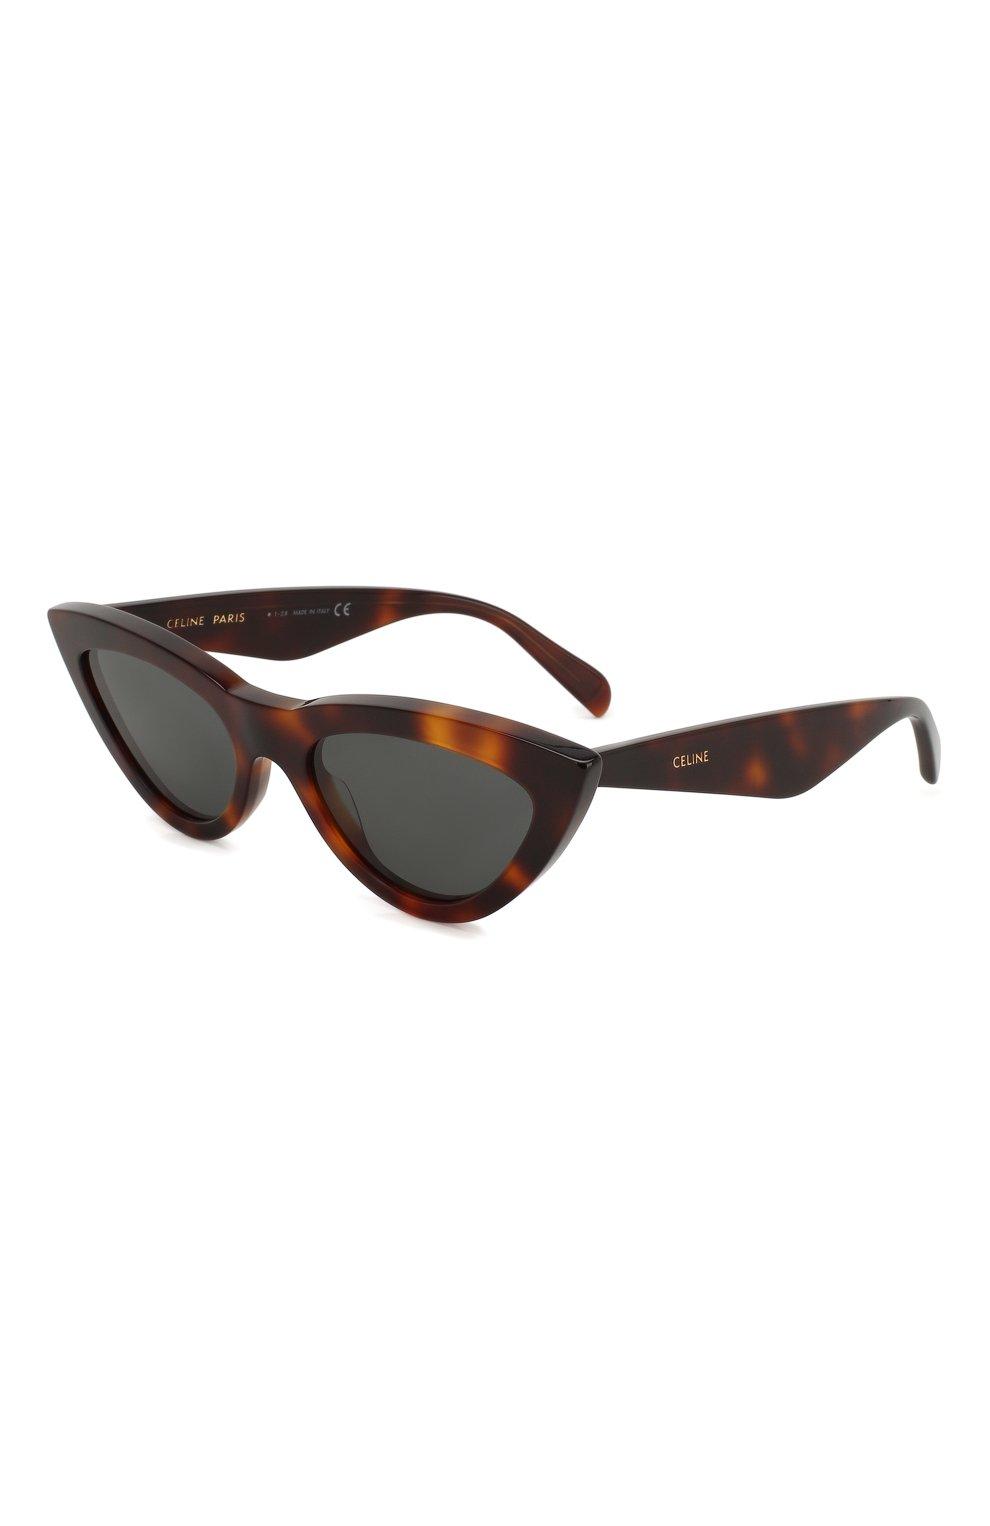 Женские солнцезащитные очки CELINE EYEWEAR коричневого цвета, арт. CL4019IN 53N   Фото 1